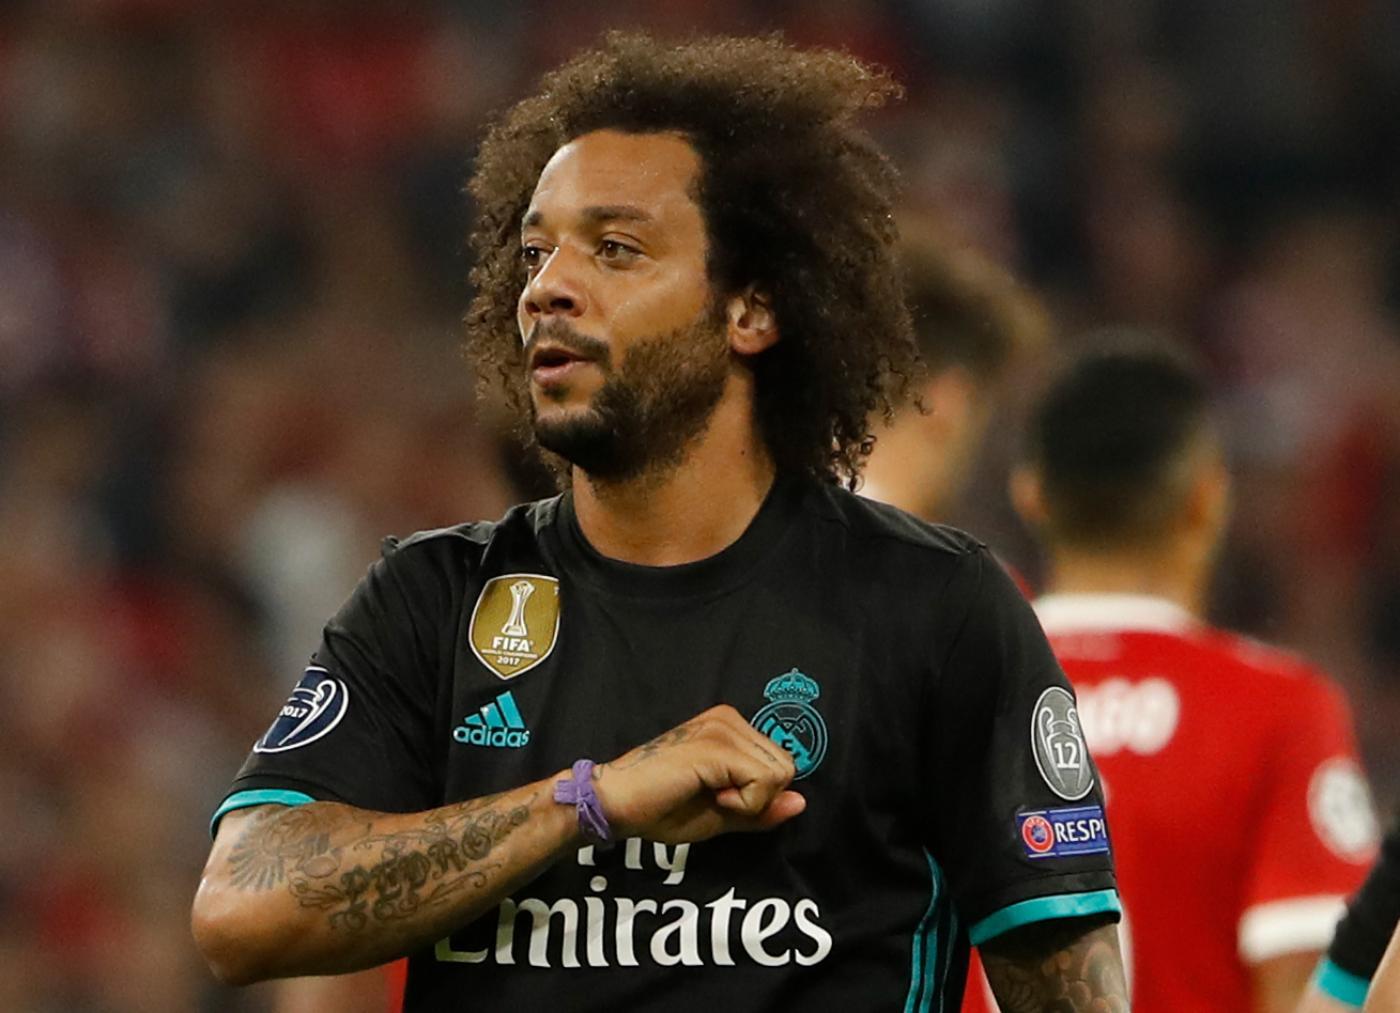 Pronostici domenica 26 agosto 2018: Serie A, Serie B, Liga, Ligue 1, Bundesliga, Brasileirao, Eredivisie. Tutti i consigli IN UN CLICK!